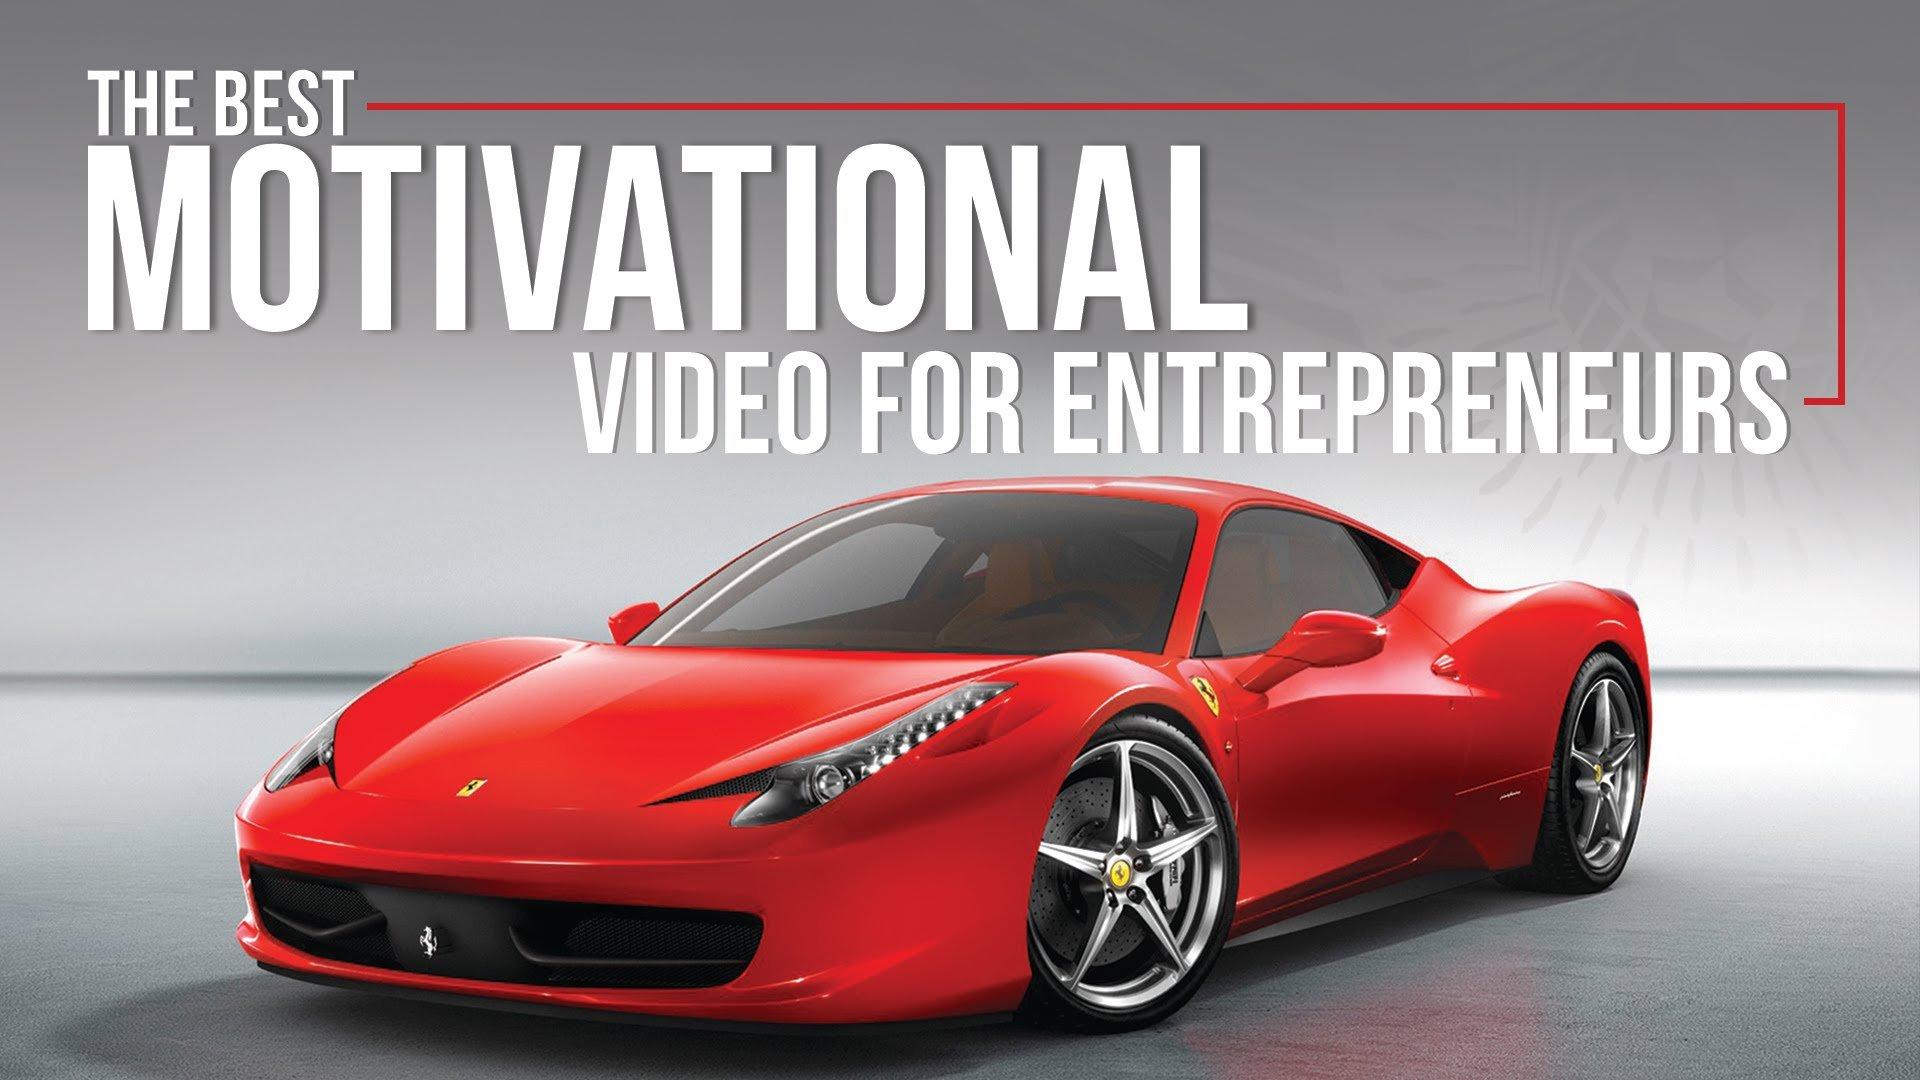 The Best Motivational Video For Entrepreneurs